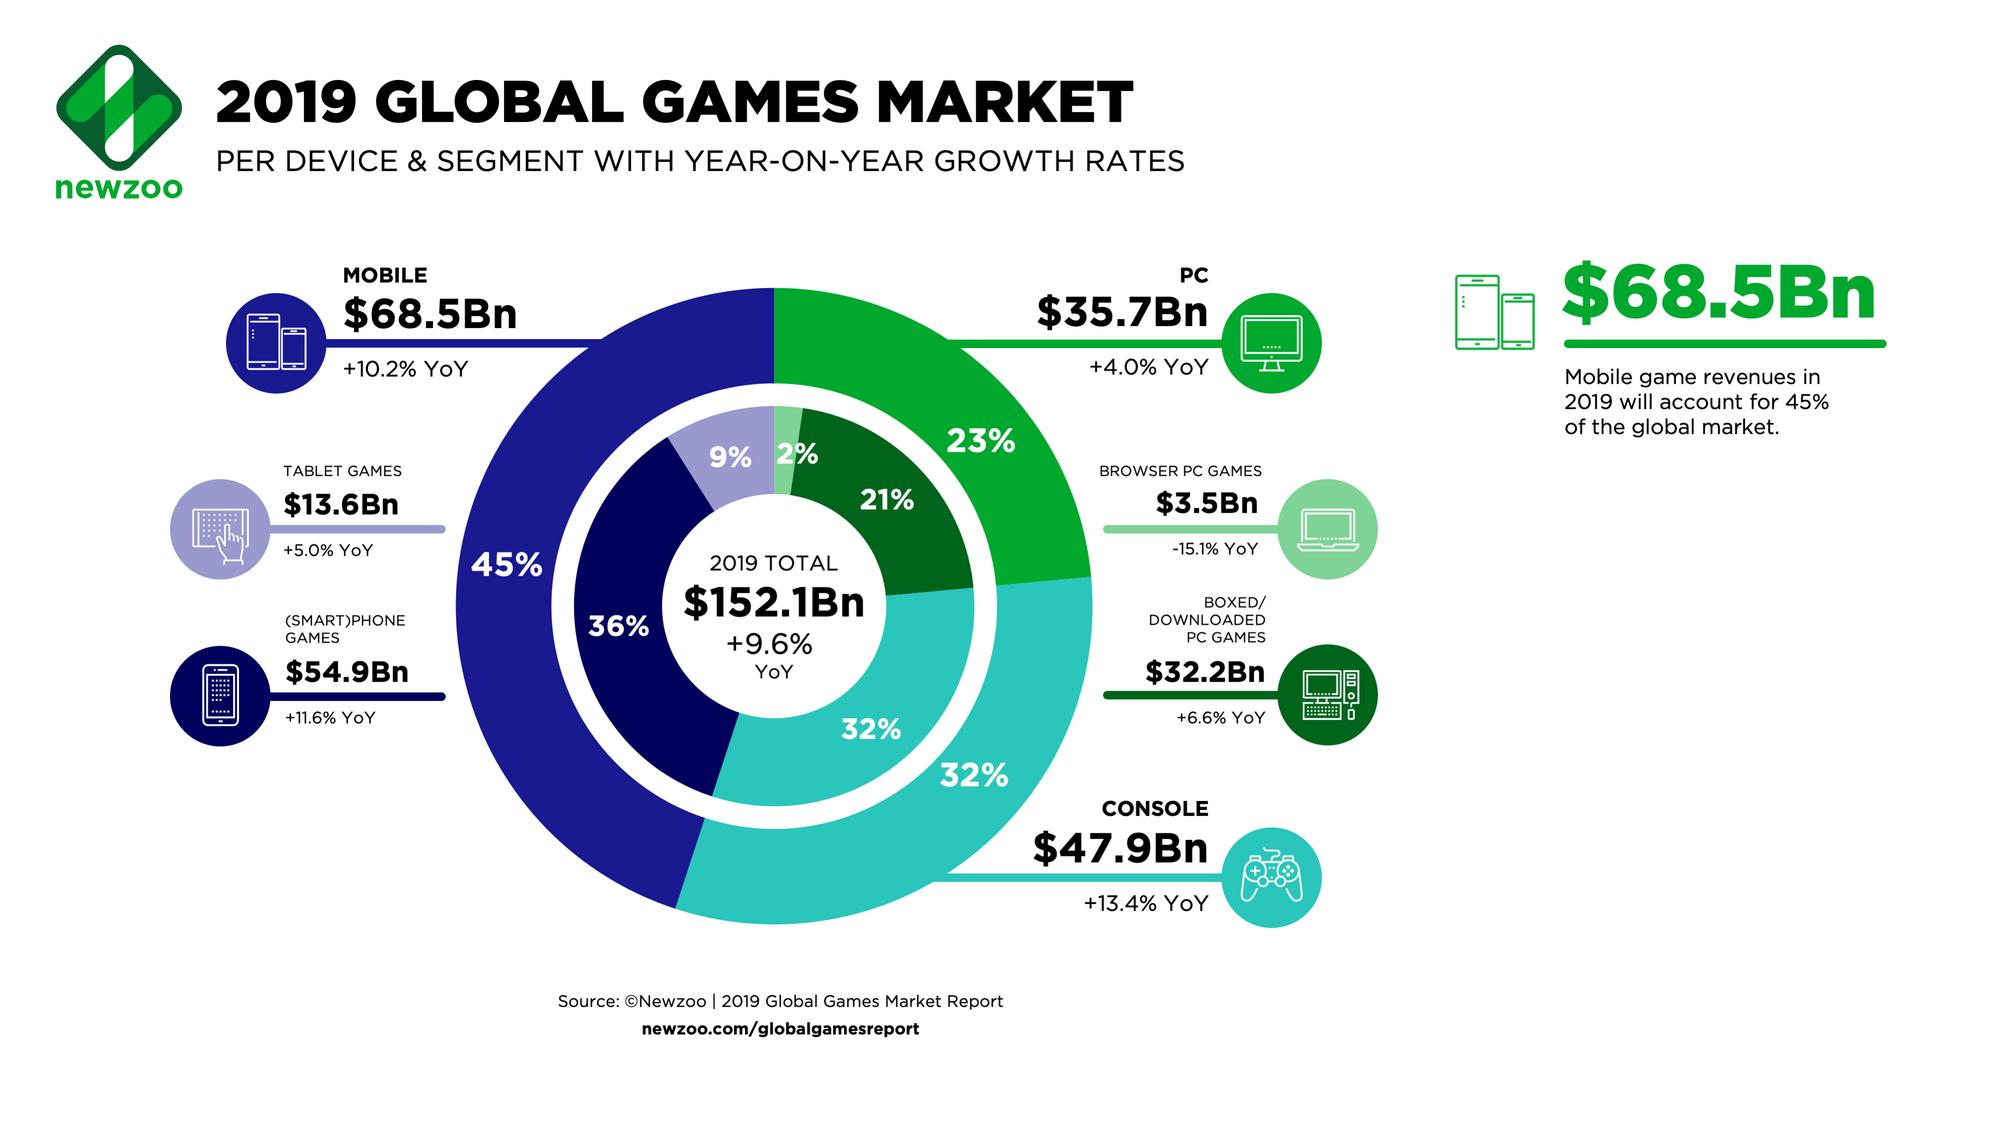 Newzoo-2019-Global-Games-Market-per-Segment.png